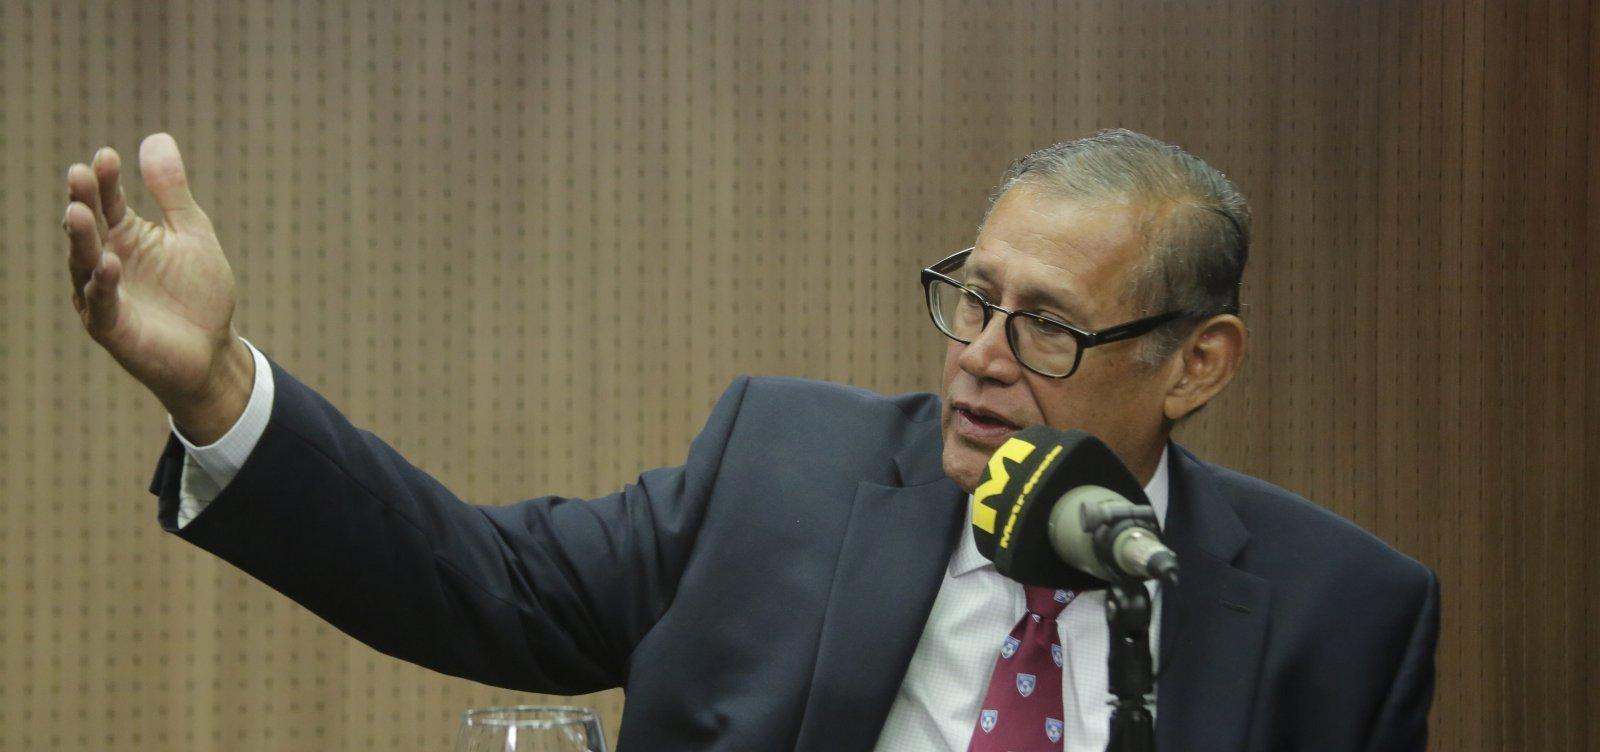 ['Estratégia de guerra', diz Roberto Badaró após EUA reter respiradores comprados pela BA]